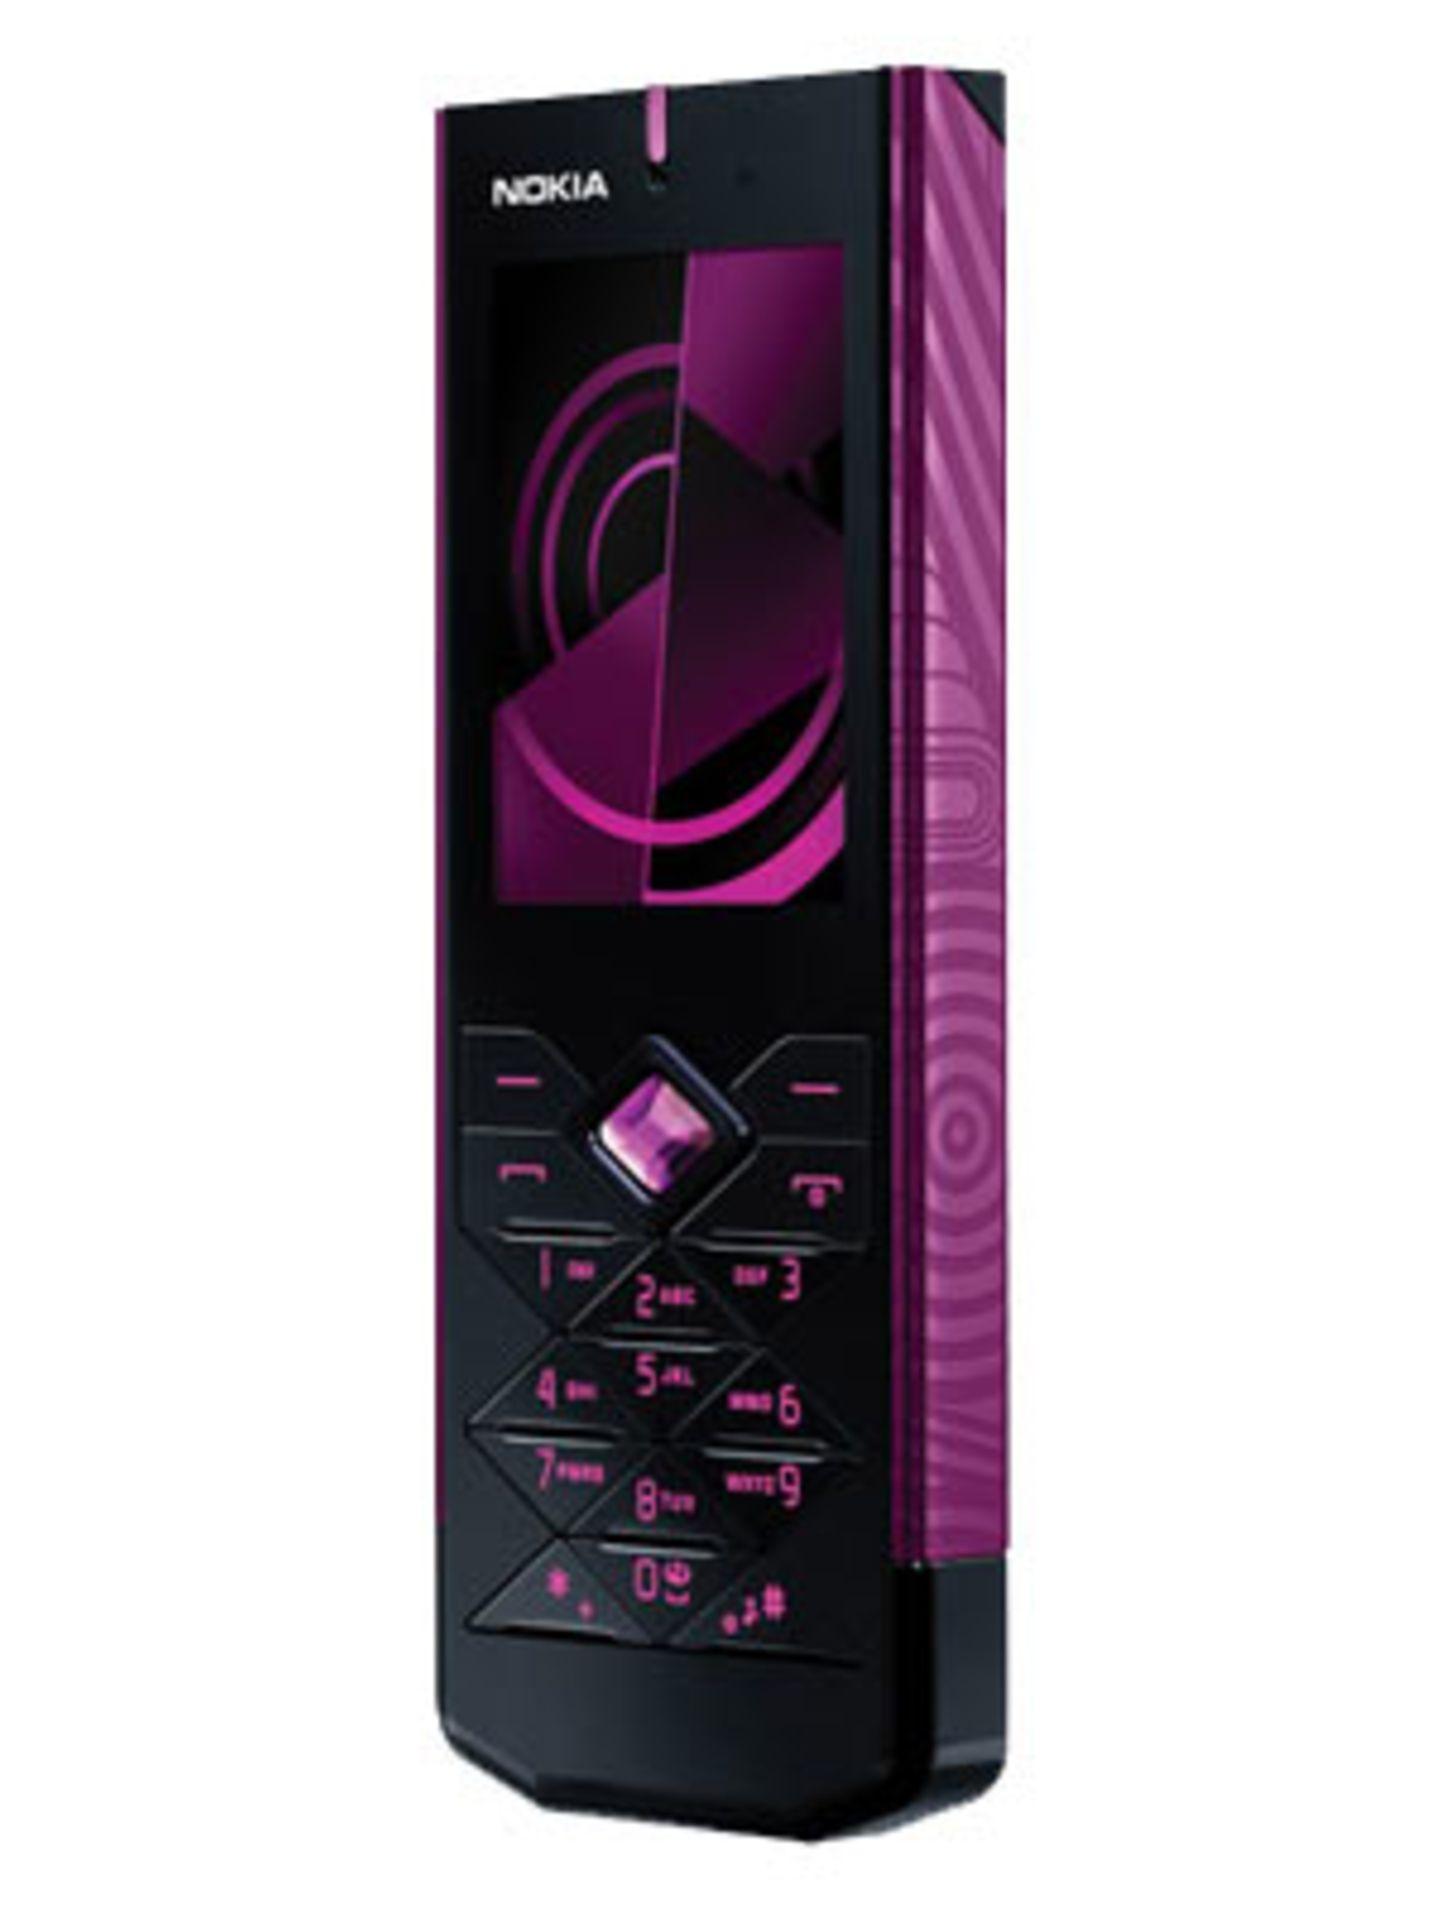 """""""Nokia 7900 Crystal Prism""""    Das Nokia 7900 Crystal Prism überzeugt auf den ersten Blick durch das tolle Design und den funkelnden, kristallförmigen Navigationsknopf. Die 2-Megapixel-Kamera hat einen achtfachen Digitalzoom und Blitzlicht, sodass deinen spontanen Foto- und Videosessions nichts mehr im Wege steht. Tolles Extra: du kannst aus 49 verschiedenen Beleuchtungsfarben wählen und somit deinem Handy einen ganz persönlichen Look verleihen. Ohne Vertrag ab 339 Euro."""